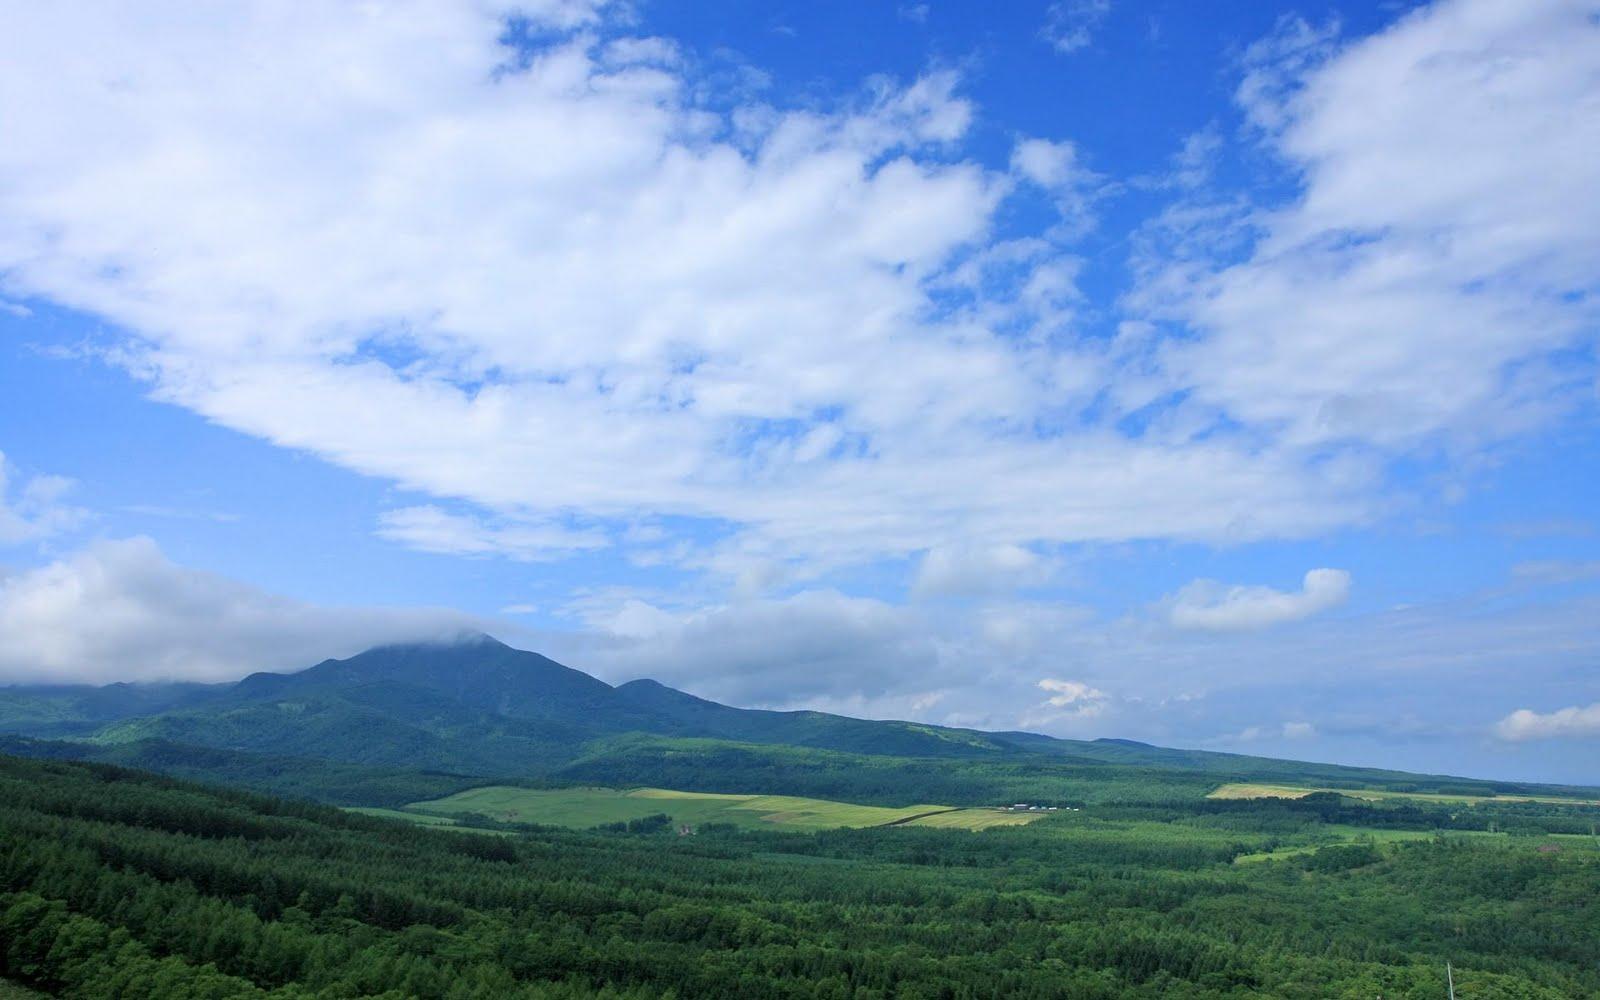 japan hokkaido landscape image - photo #22